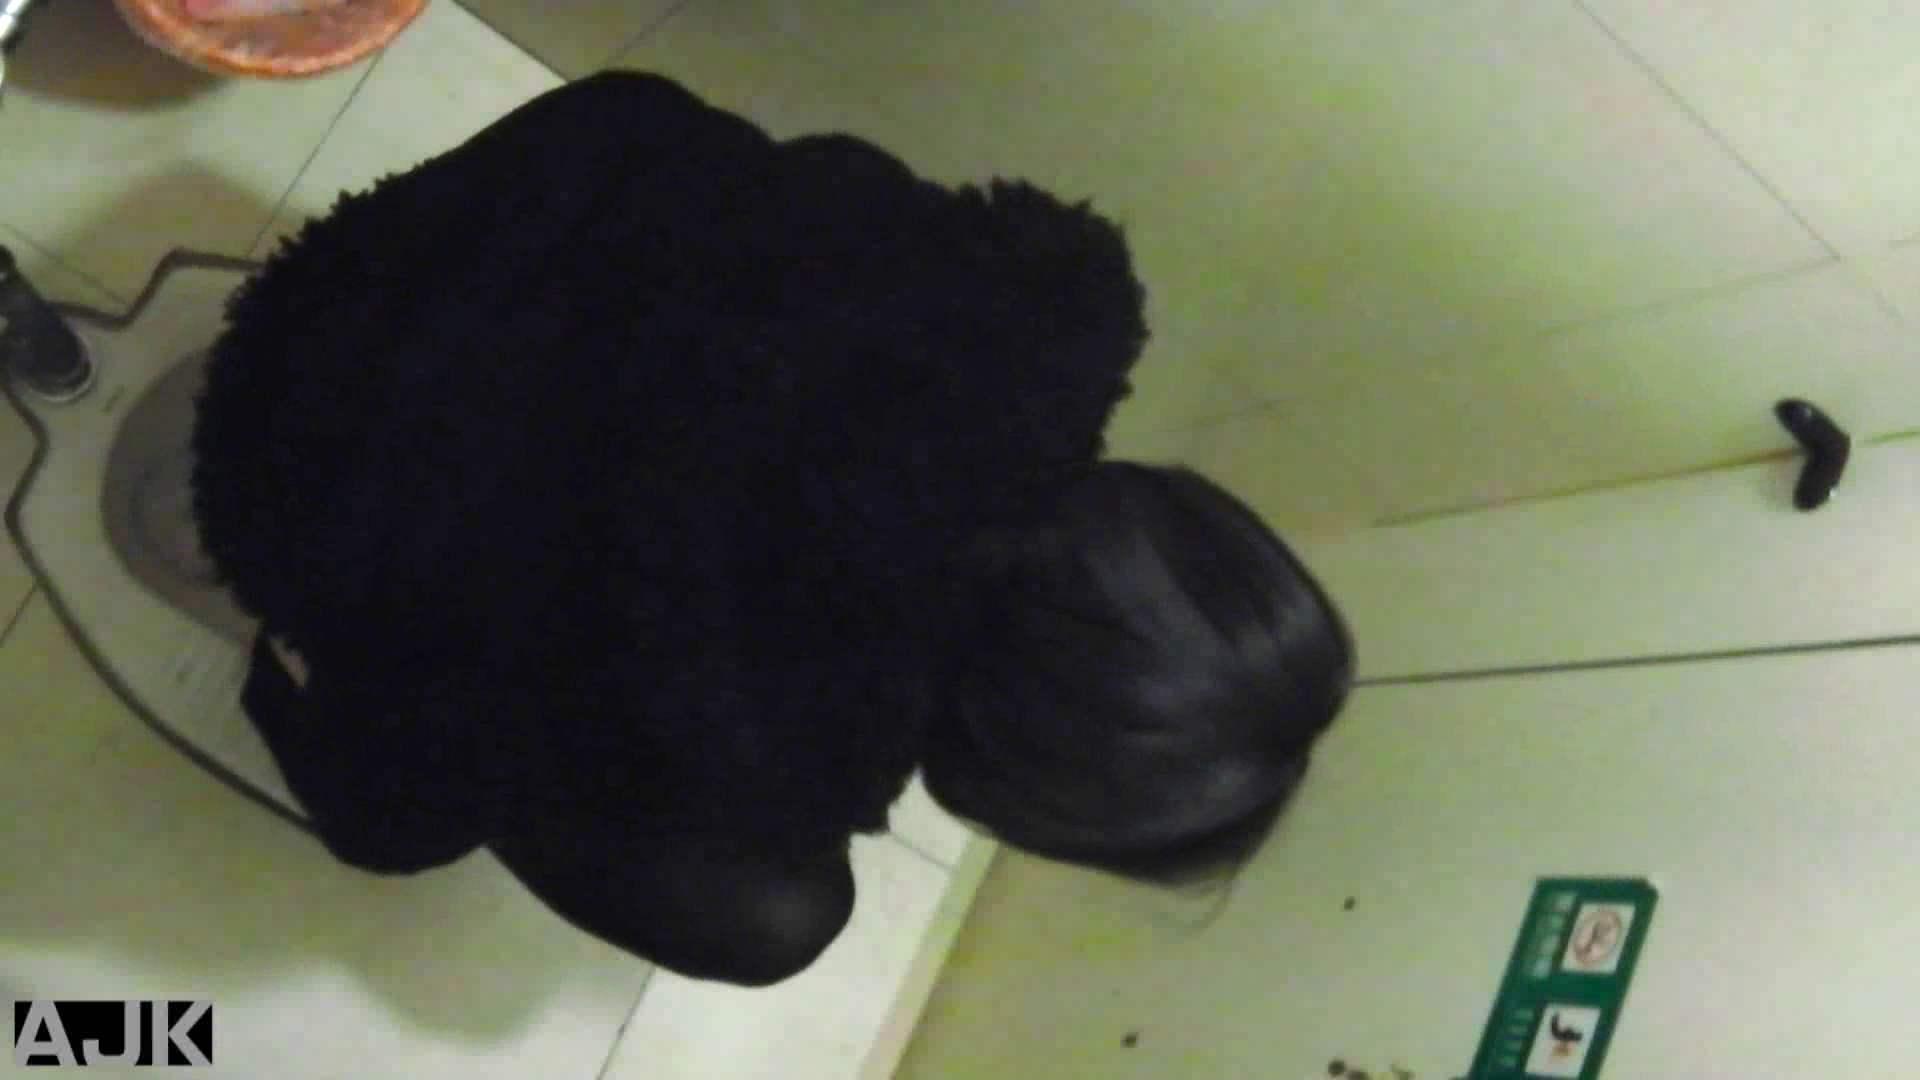 隣国上階級エリアの令嬢たちが集うデパートお手洗い Vol.19 便所の中まで すけべAV動画紹介 99枚 40